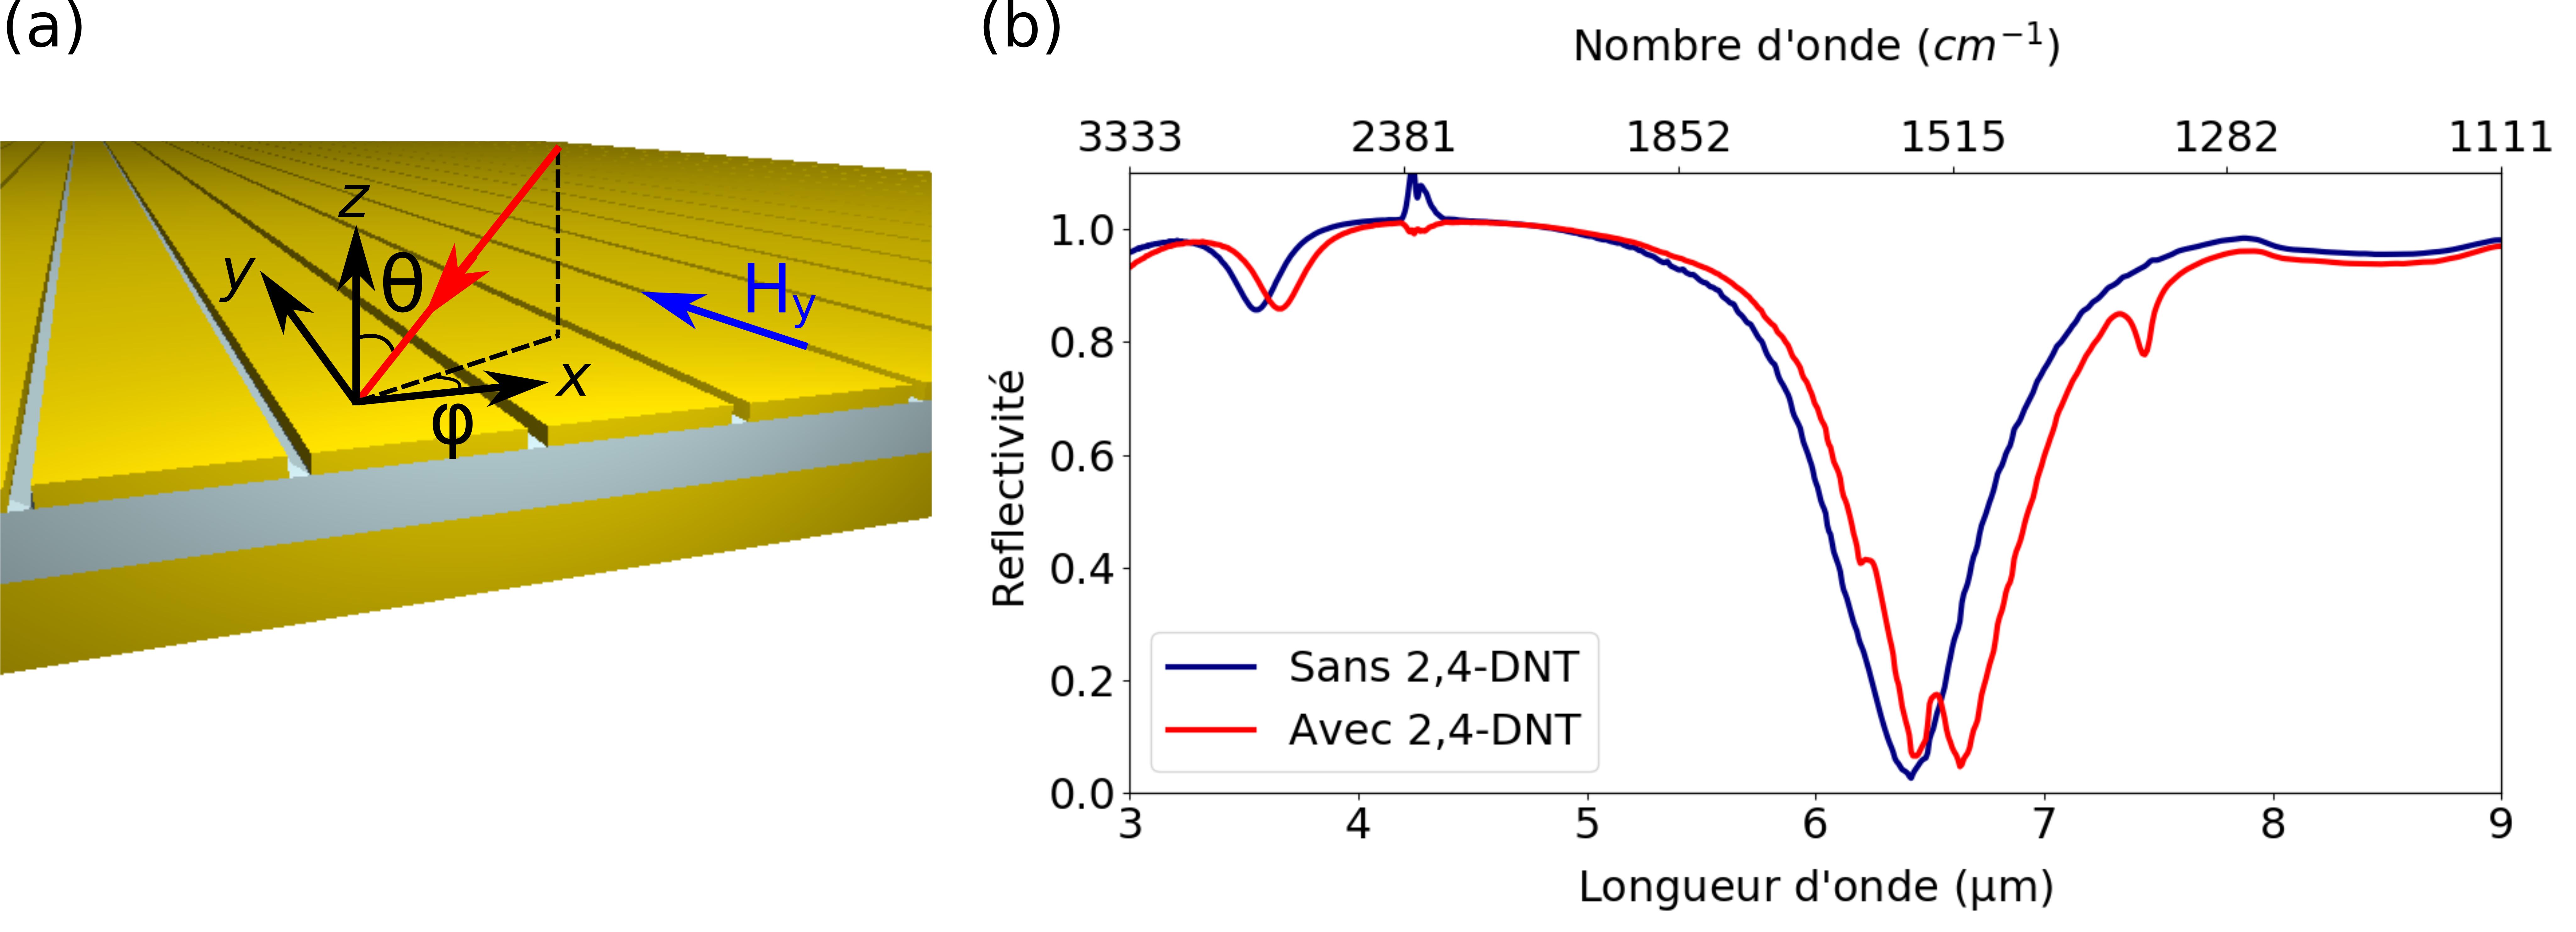 (a) Schéma 3D du résonateur simplifié. (b) Spectre infrarouge avec et sans DNT